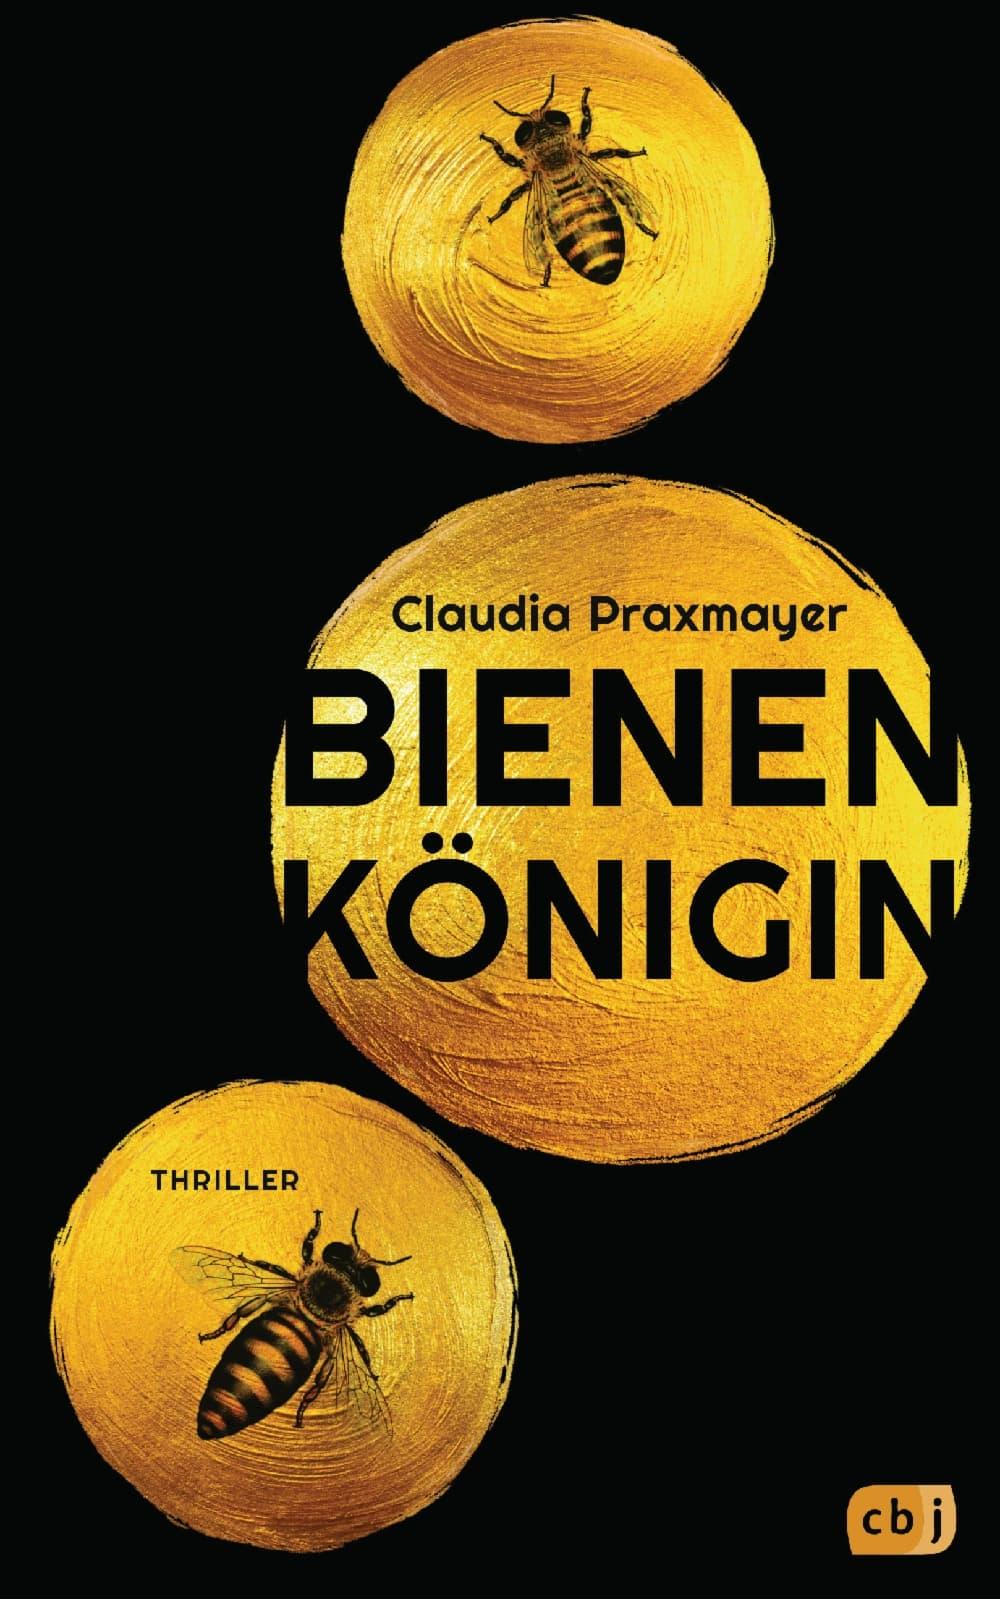 Bienenkönigin, C. Praxmayer, CBJ Verlag